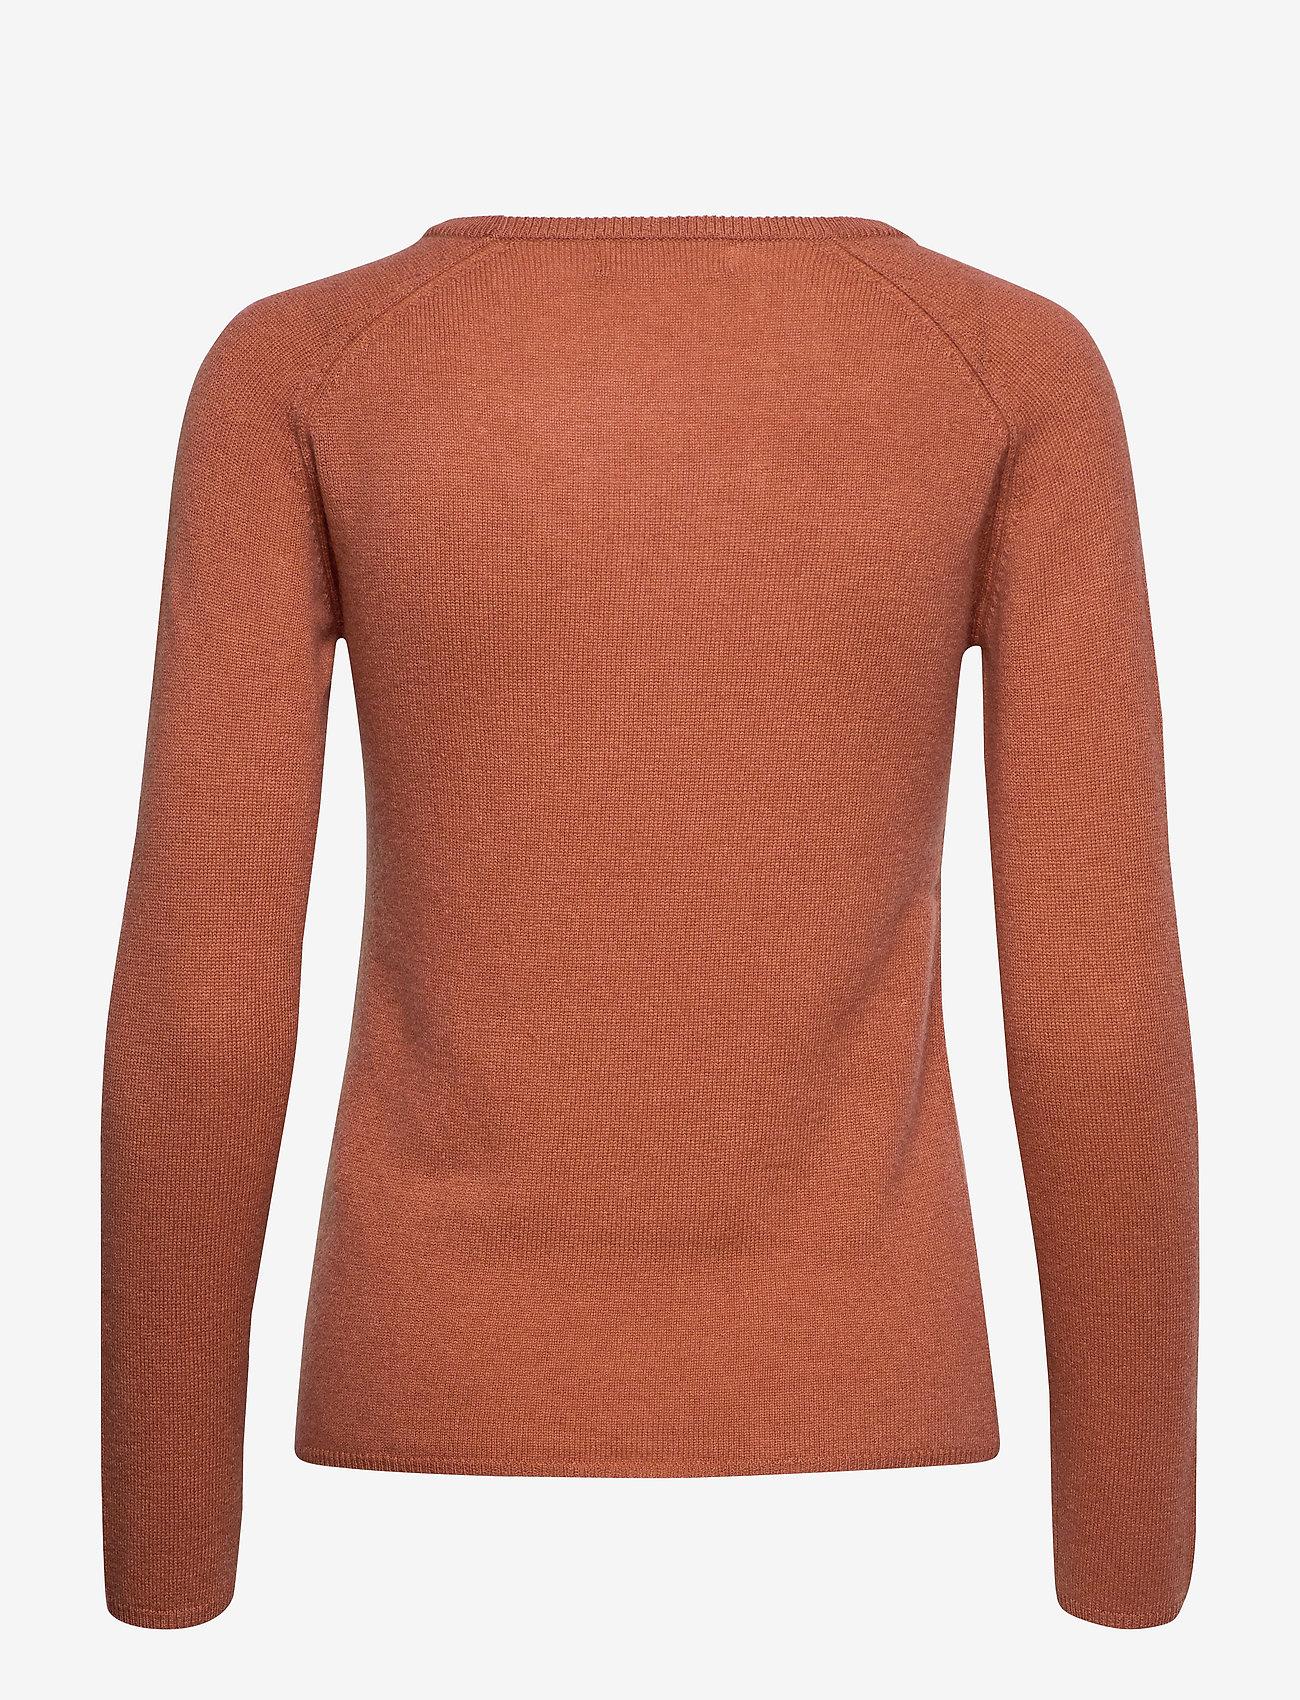 Rosemunde Pullover Ls - Knitwear